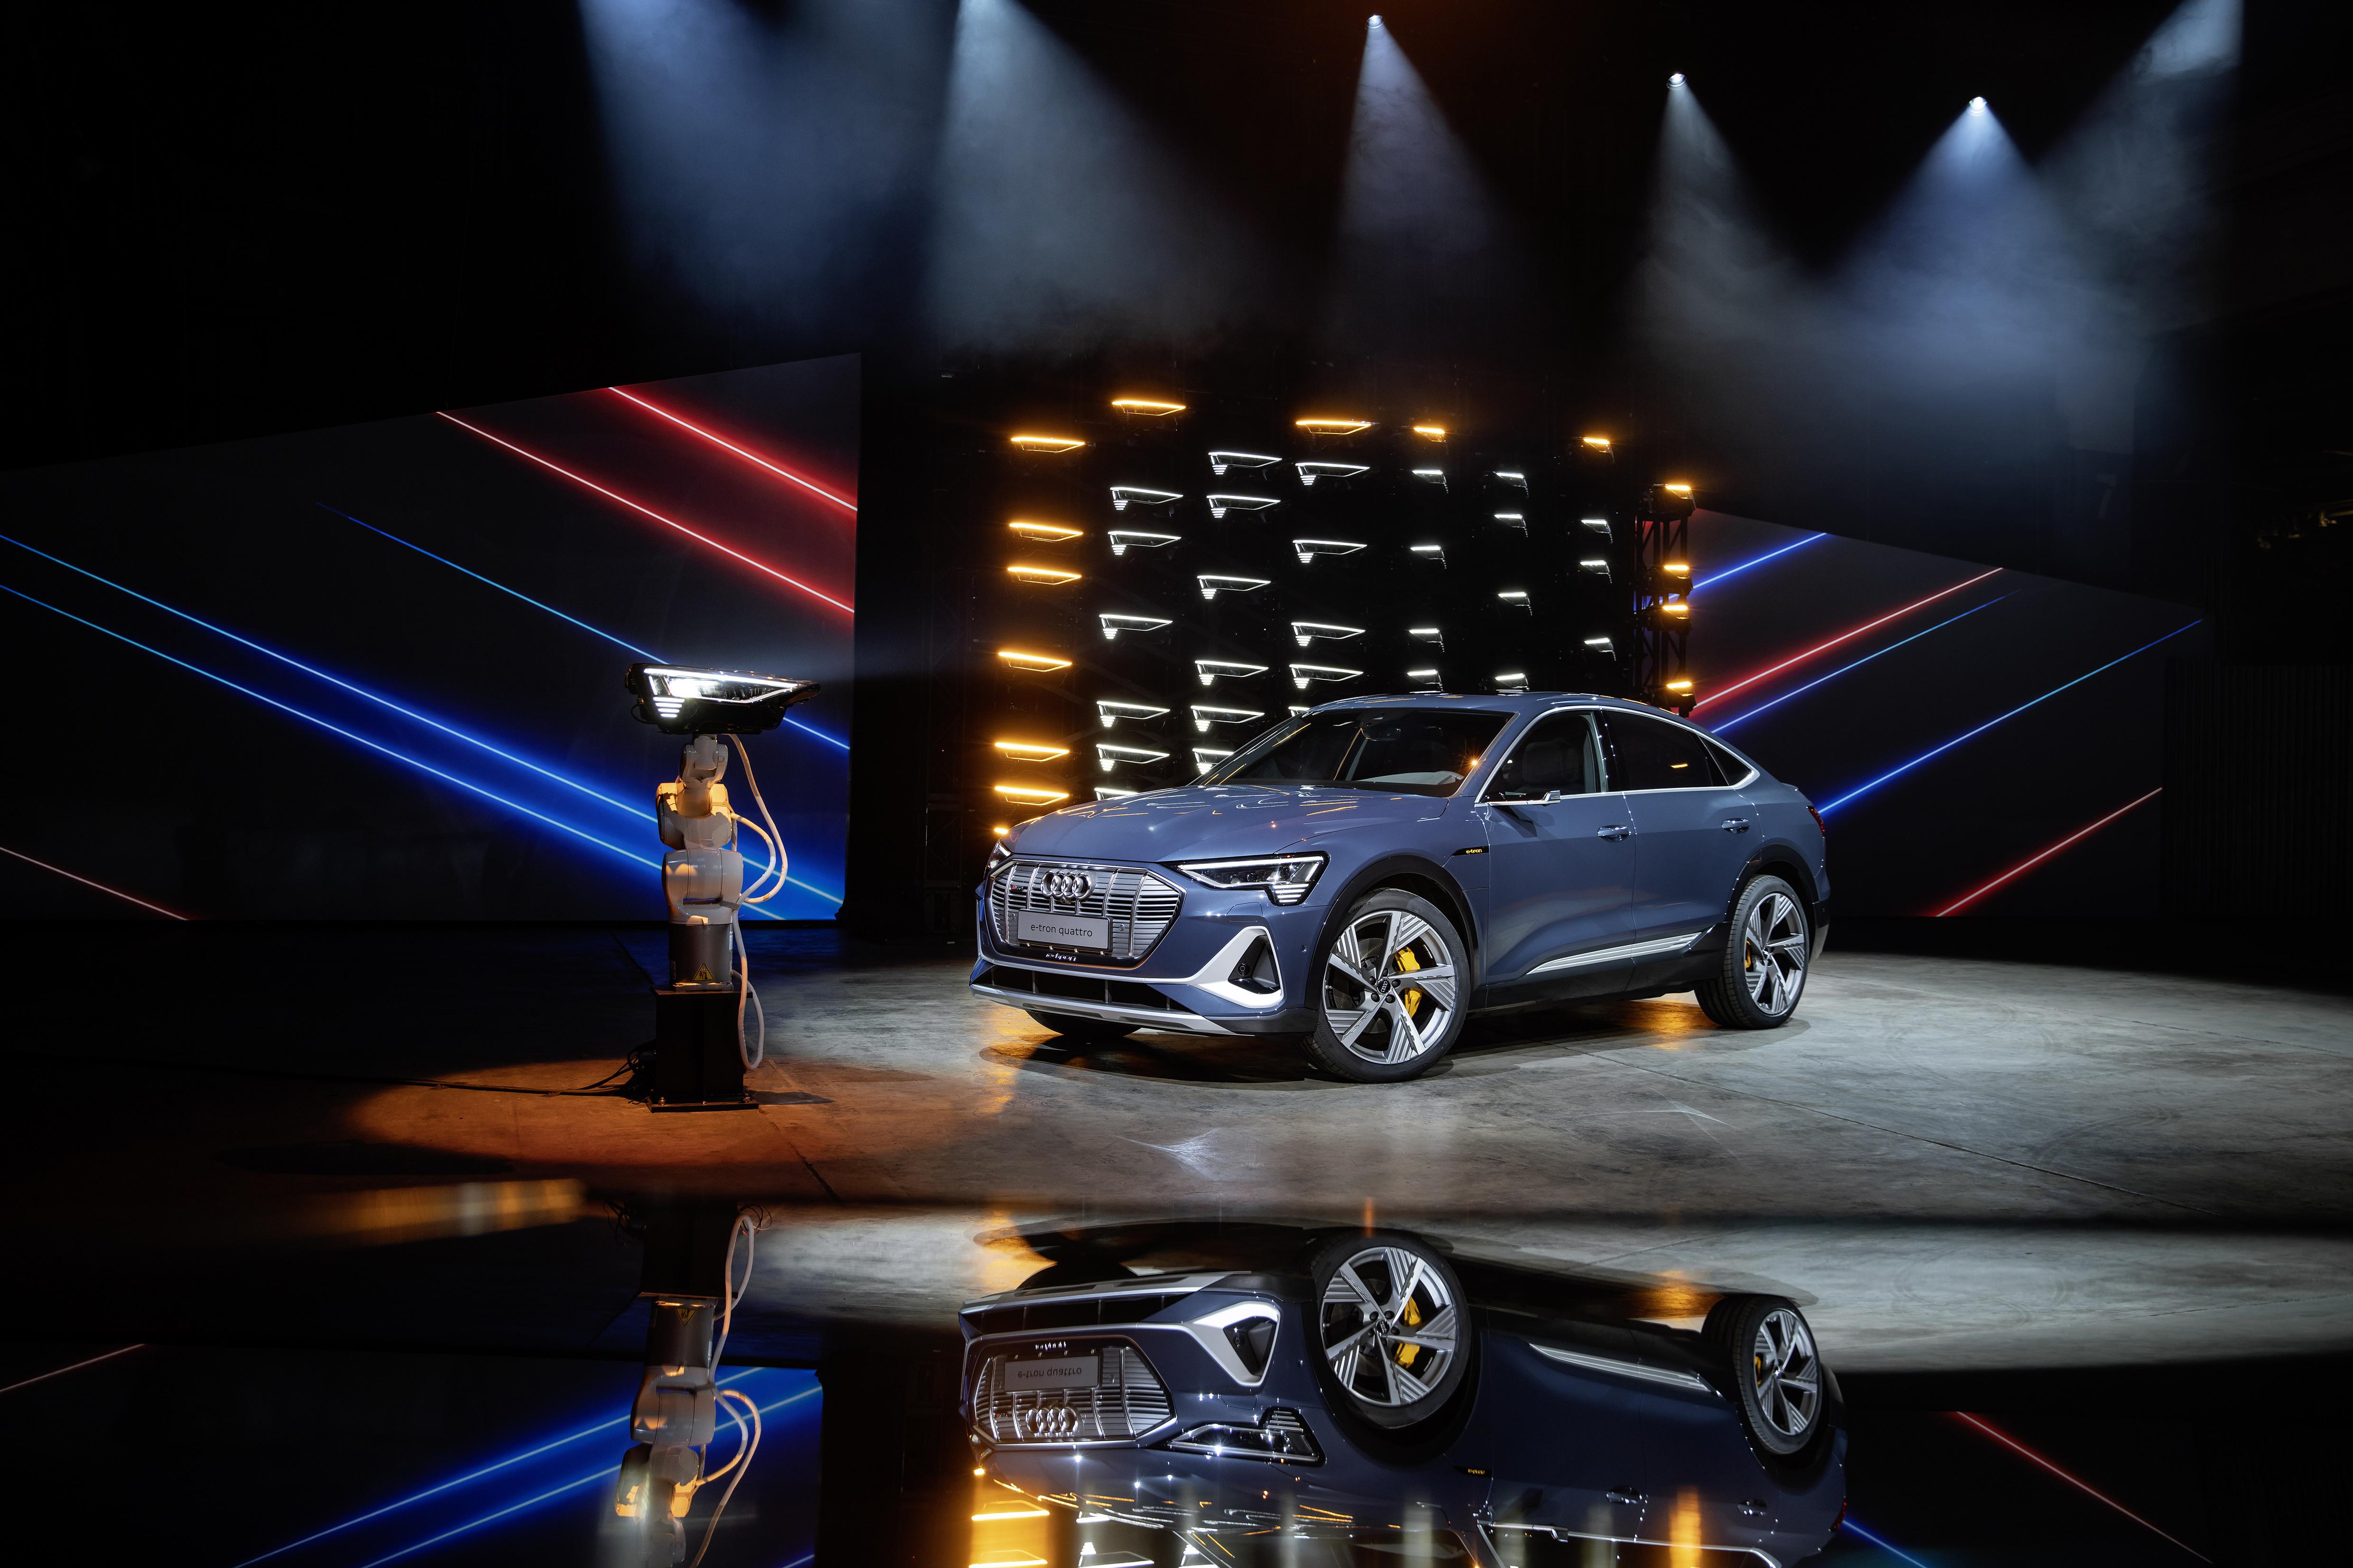 L'Audi e-tron Sportback 55 quattro lors de sa présentation à Los Angeles. (AUDI)